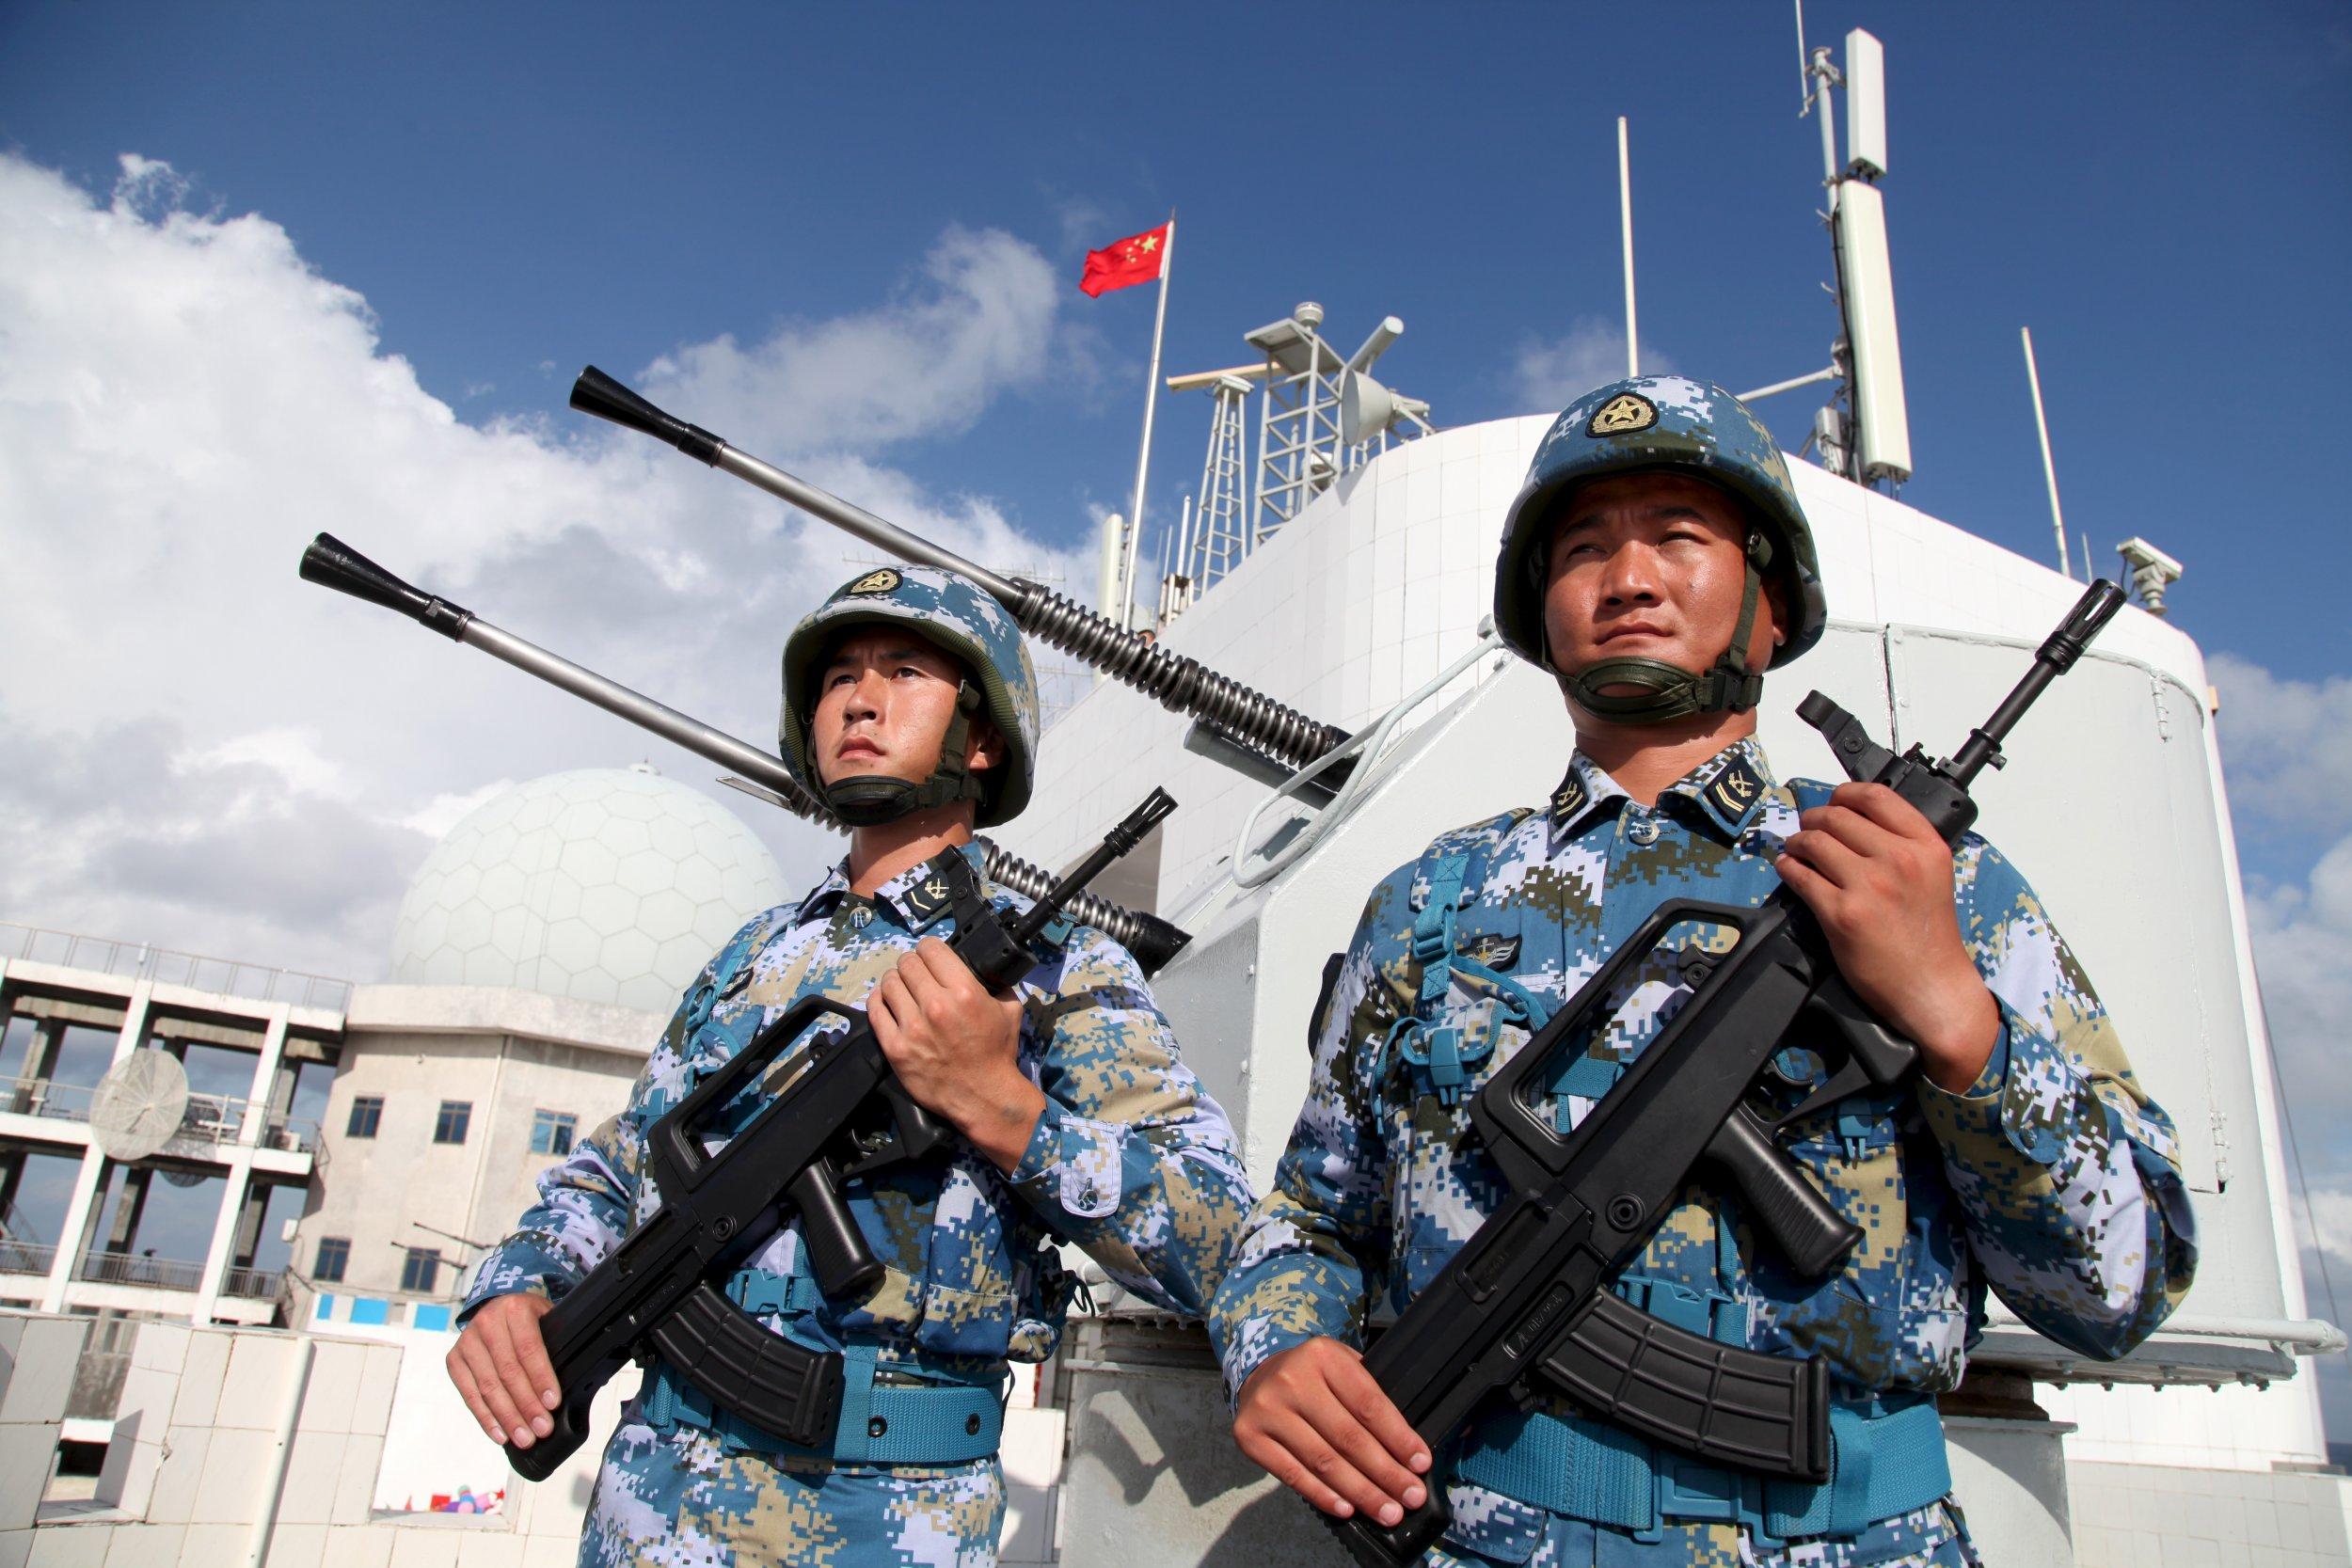 Philippines says China blocking access South China Sea atoll.